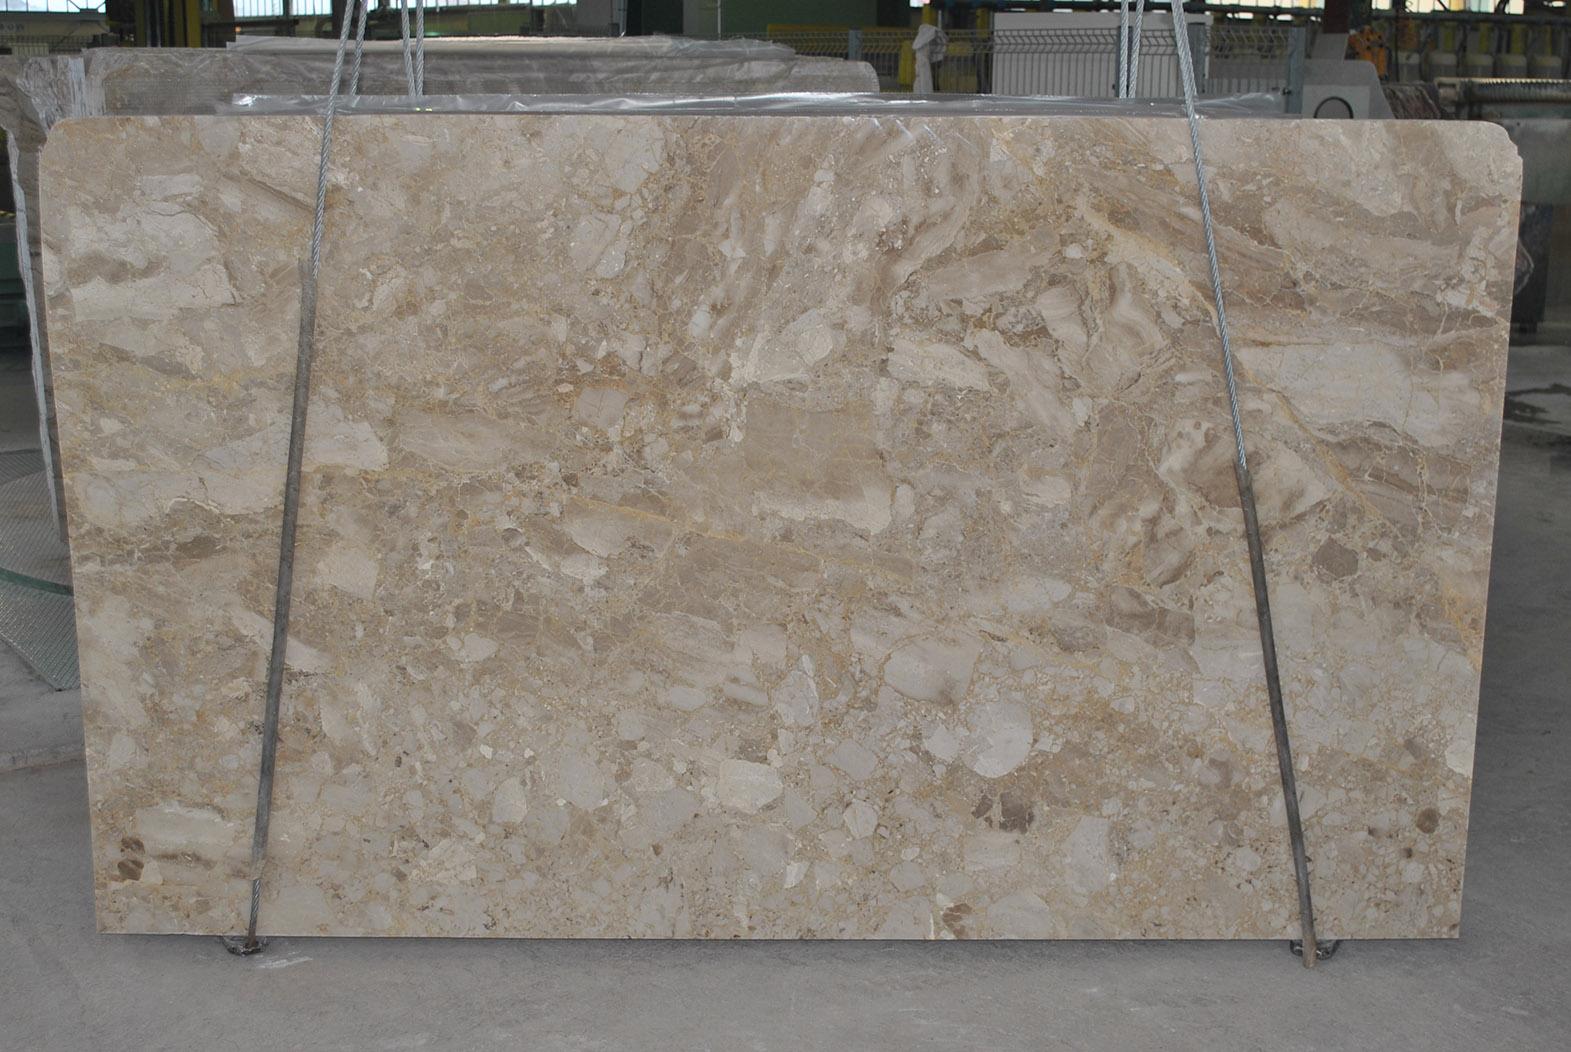 Karnis beige marble slab